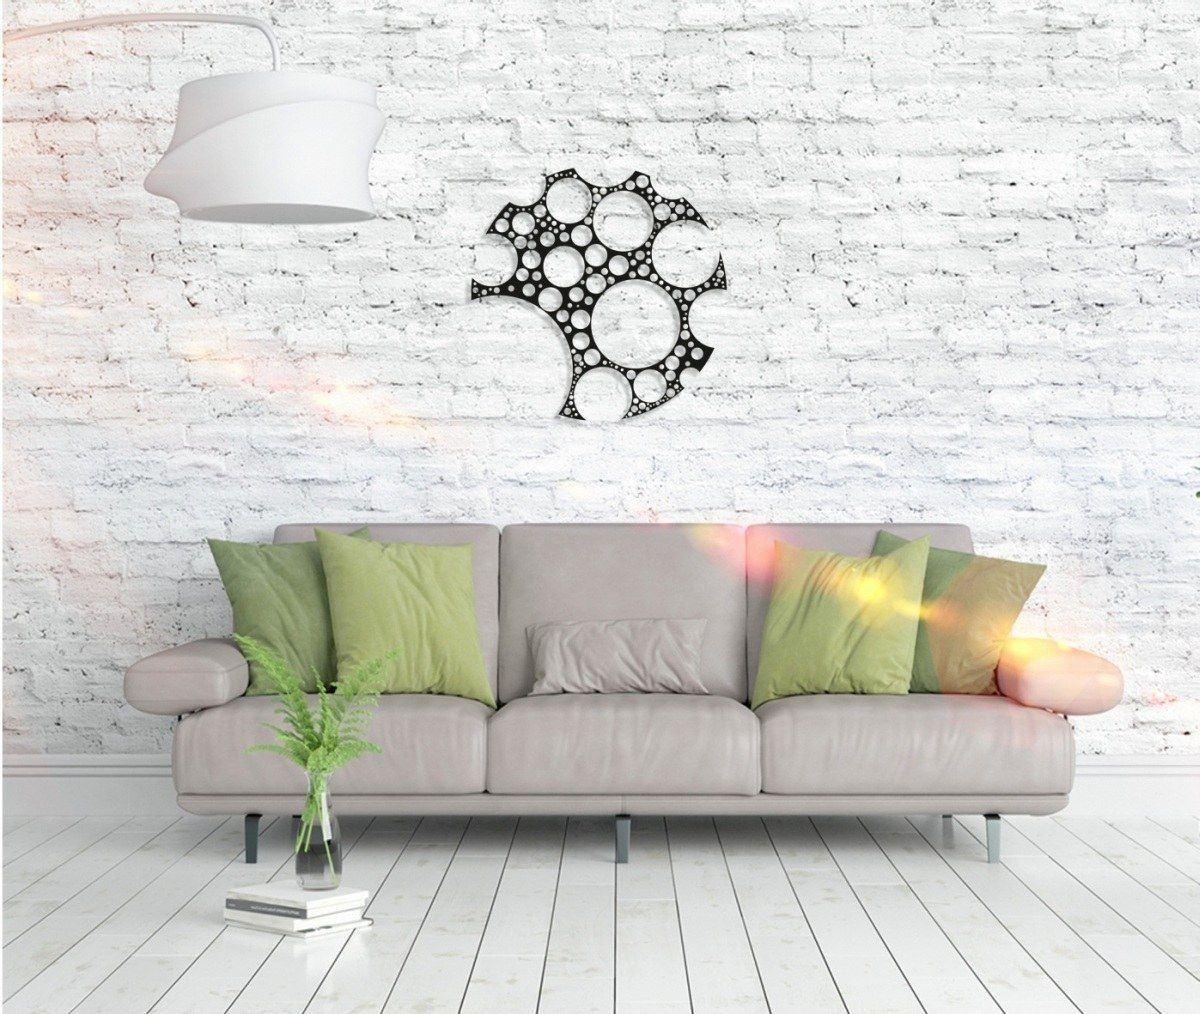 Metall Wandbild - Circles